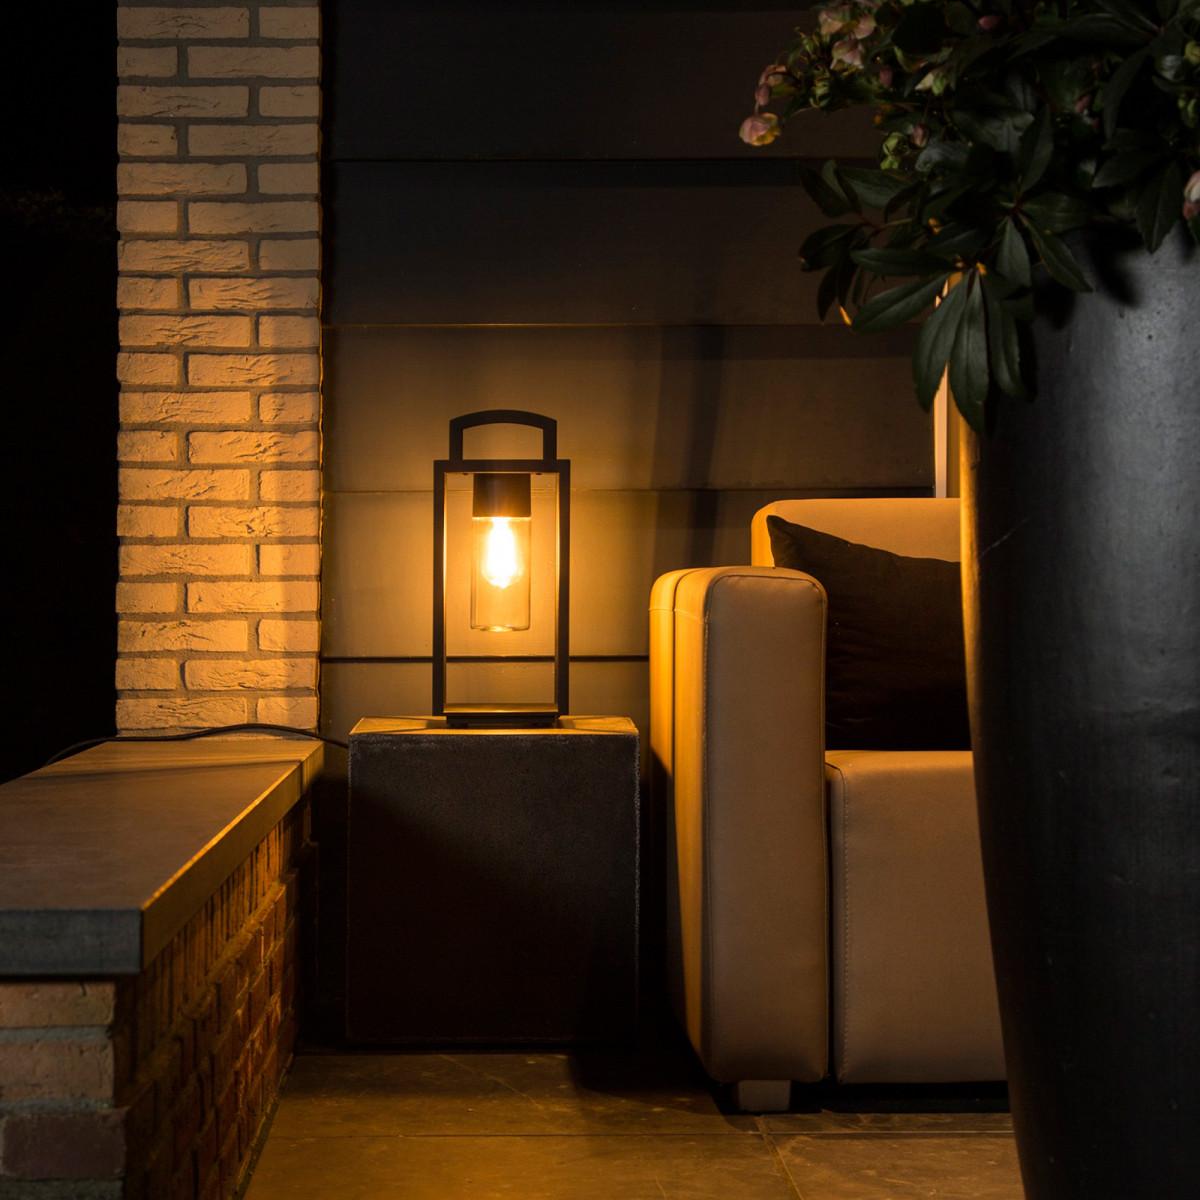 Lounge buitenlamp met stekker, 3 meter snoer, E27, super handig, buitenverlichting met stekker, portable, verlichting voor balkon, terras, overkapping van KS Verlichting